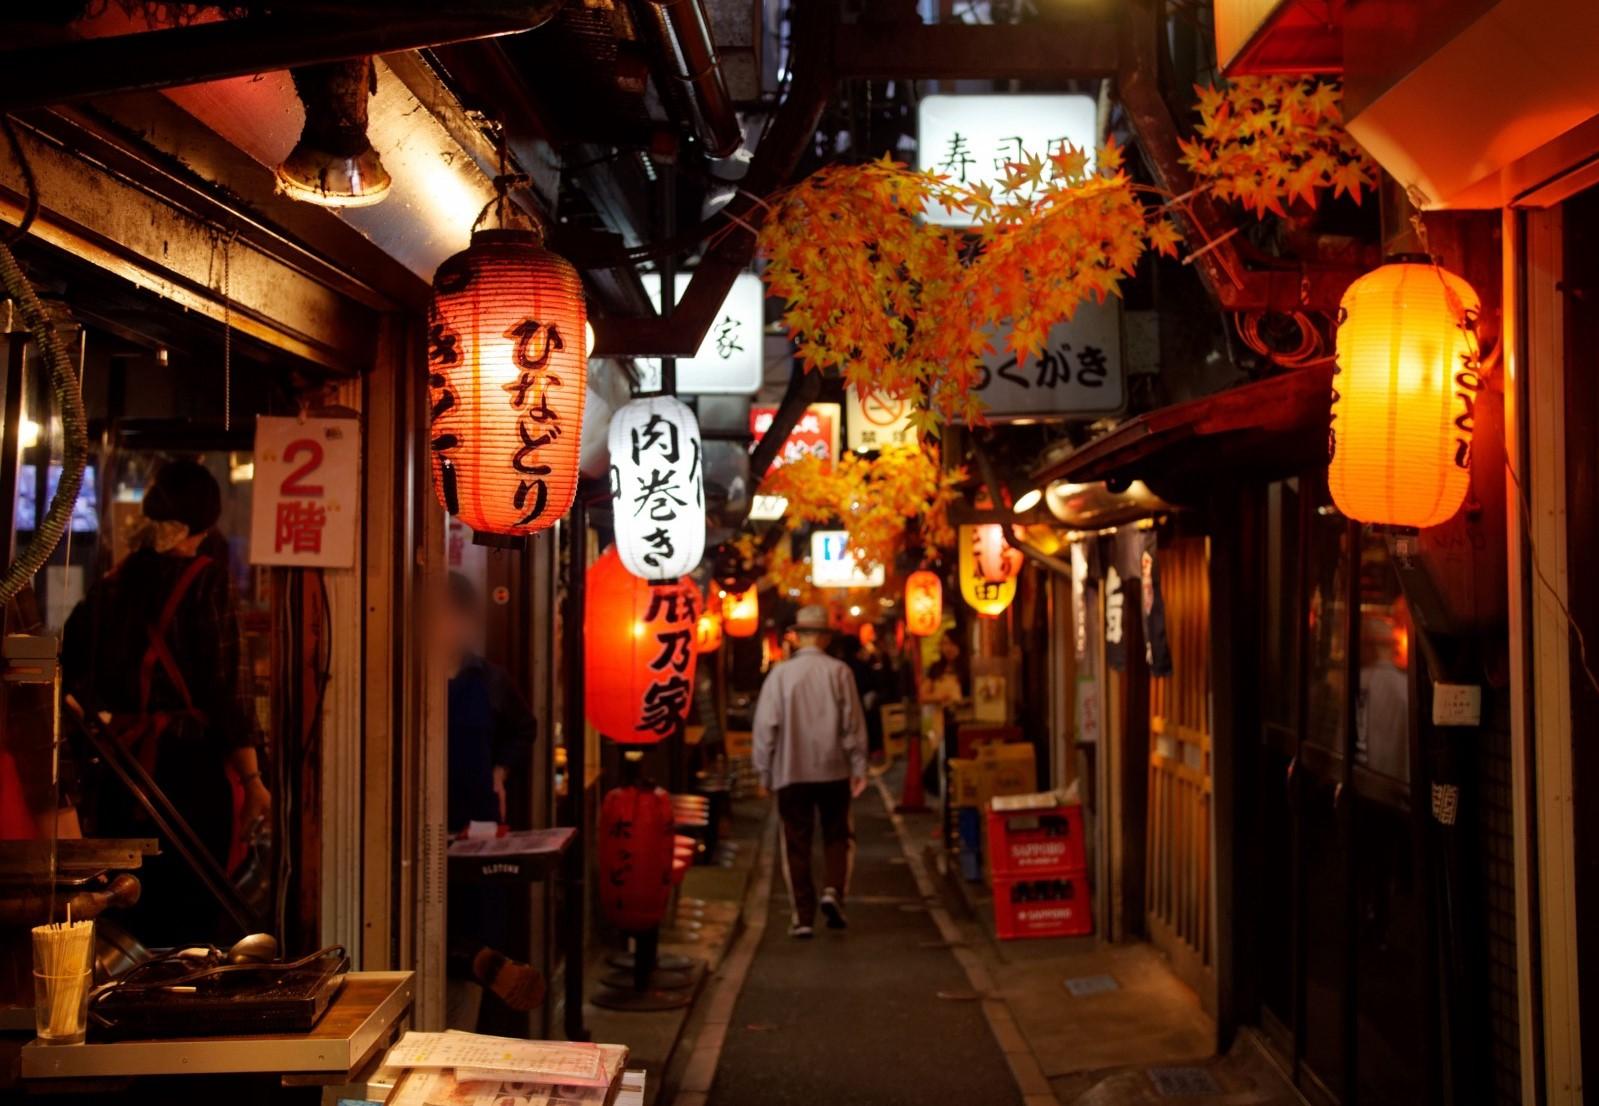 Traditional Japanese style Izakaya Alley